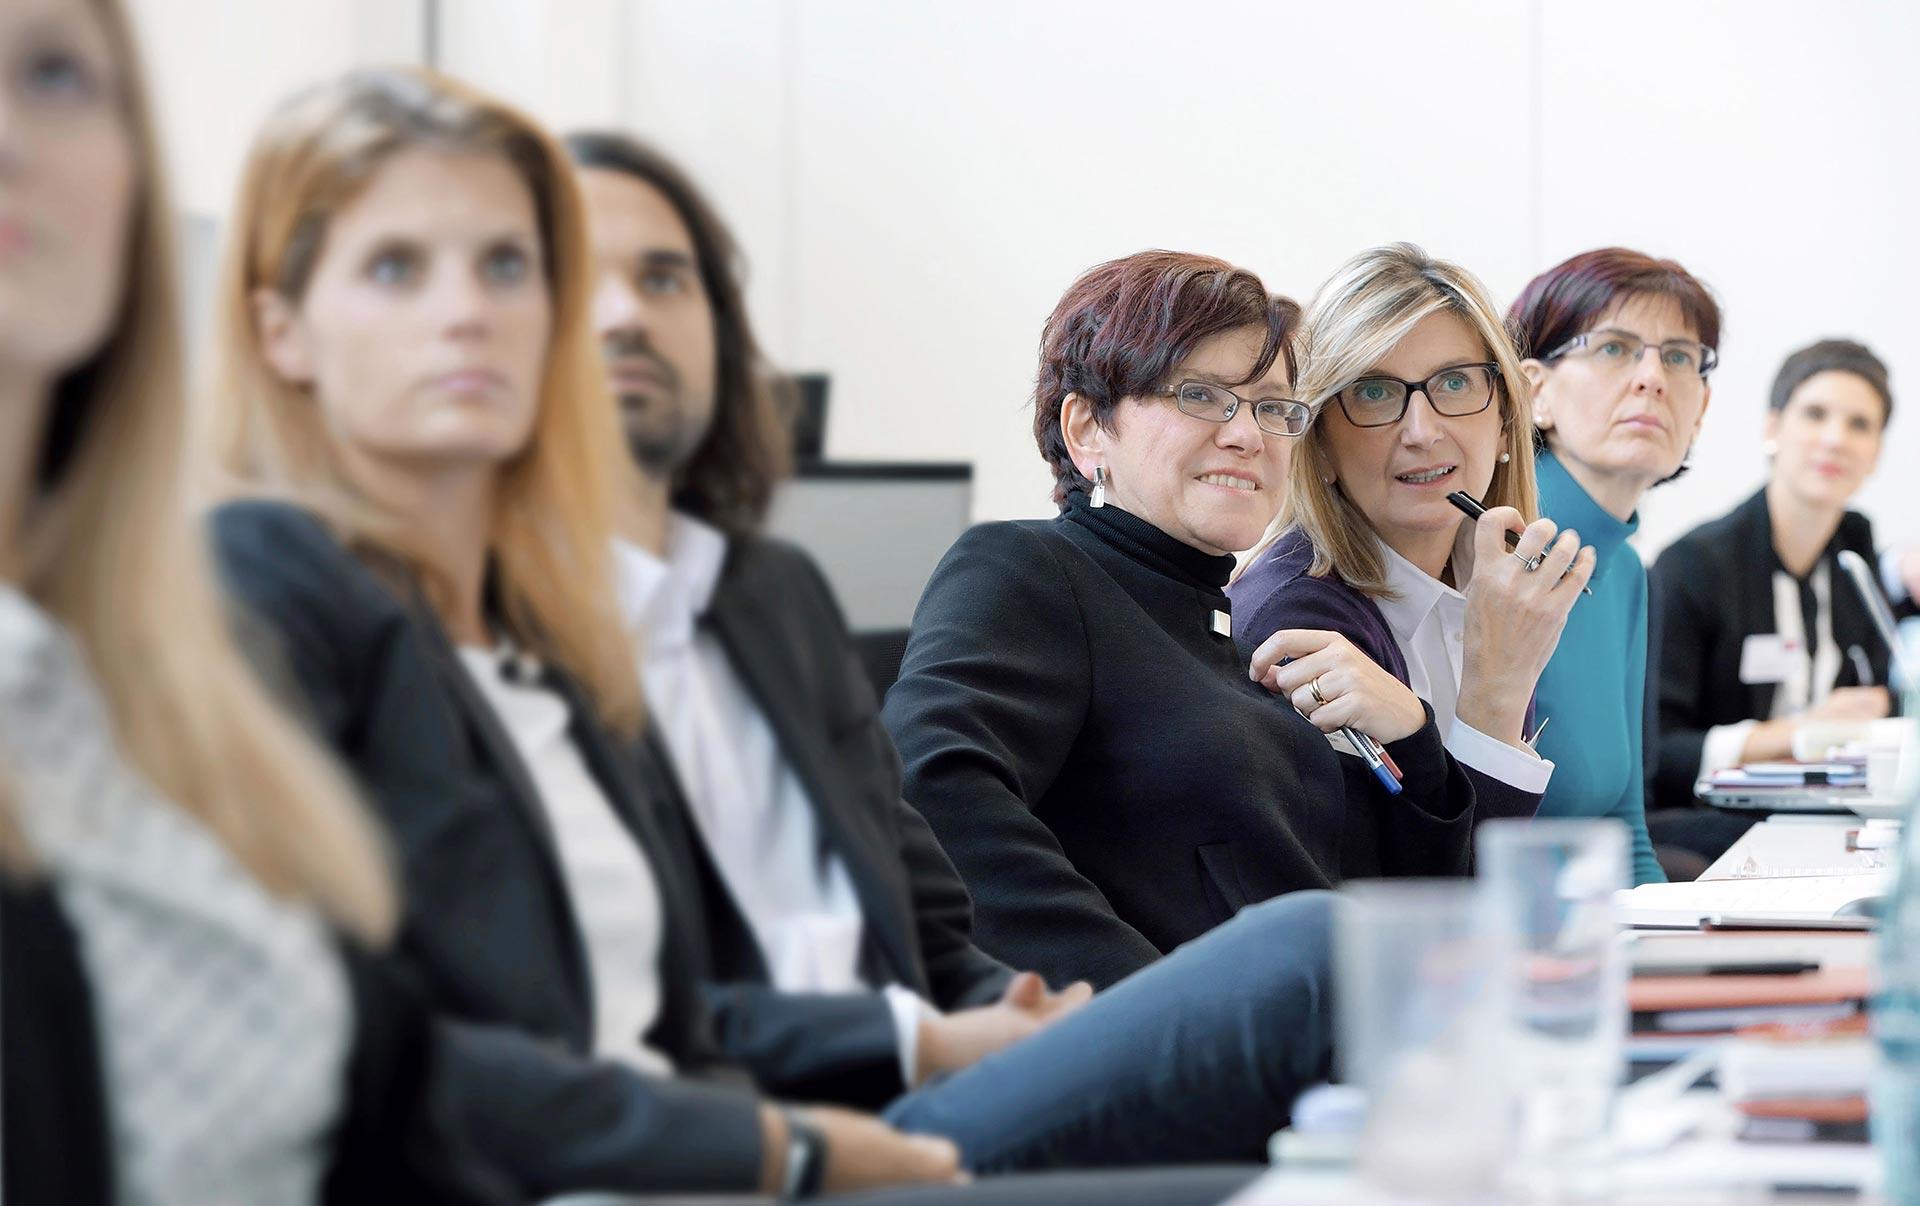 Простые способы заинтересовать аудиторию при публичном выступлении. Расскажите о каком-нибудь событии.